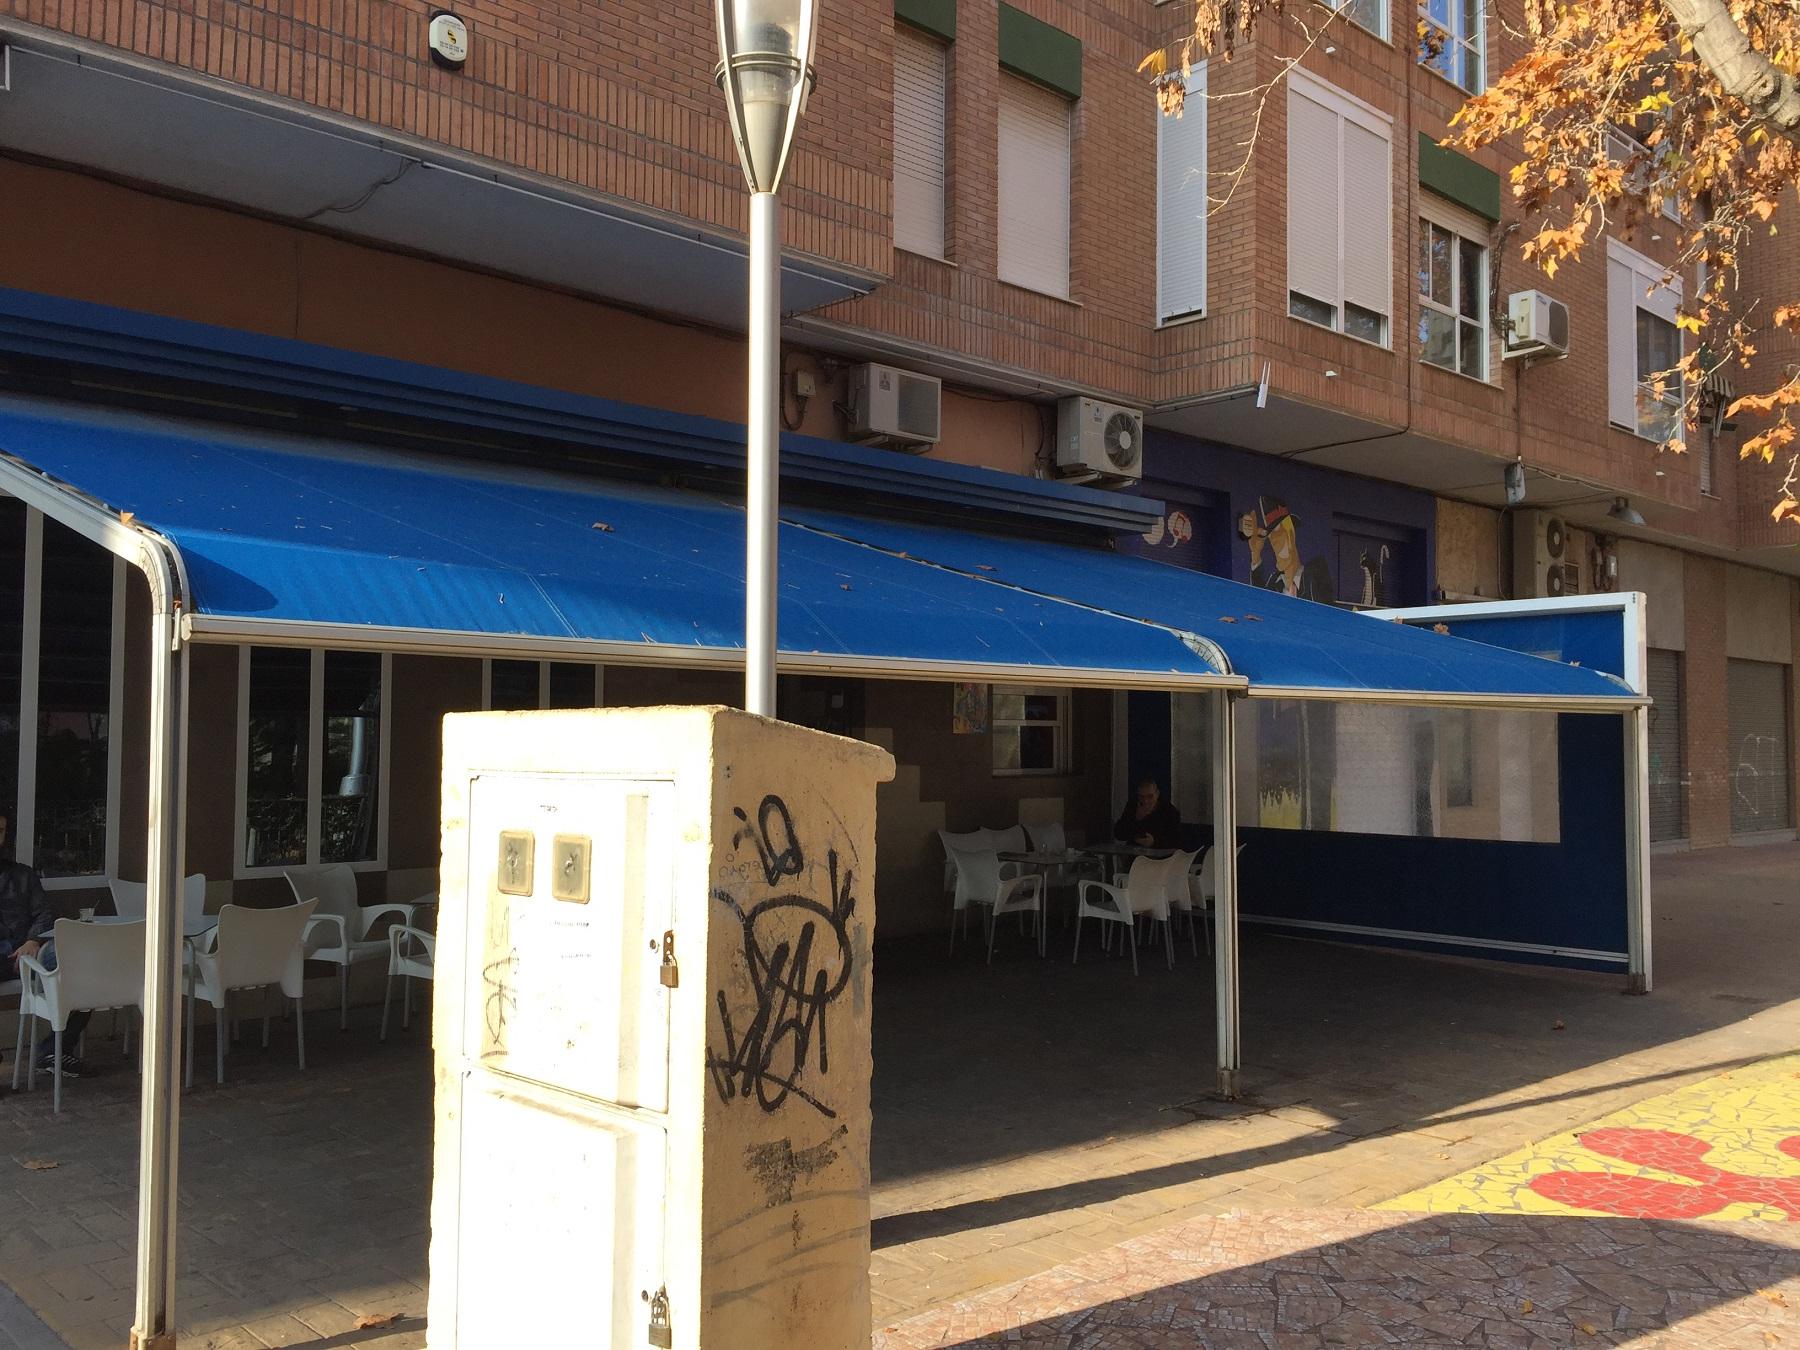 Velador Terraza 3ldq Certificados Estructurales Y Planos En Terrazas Cafeterà as Nacho